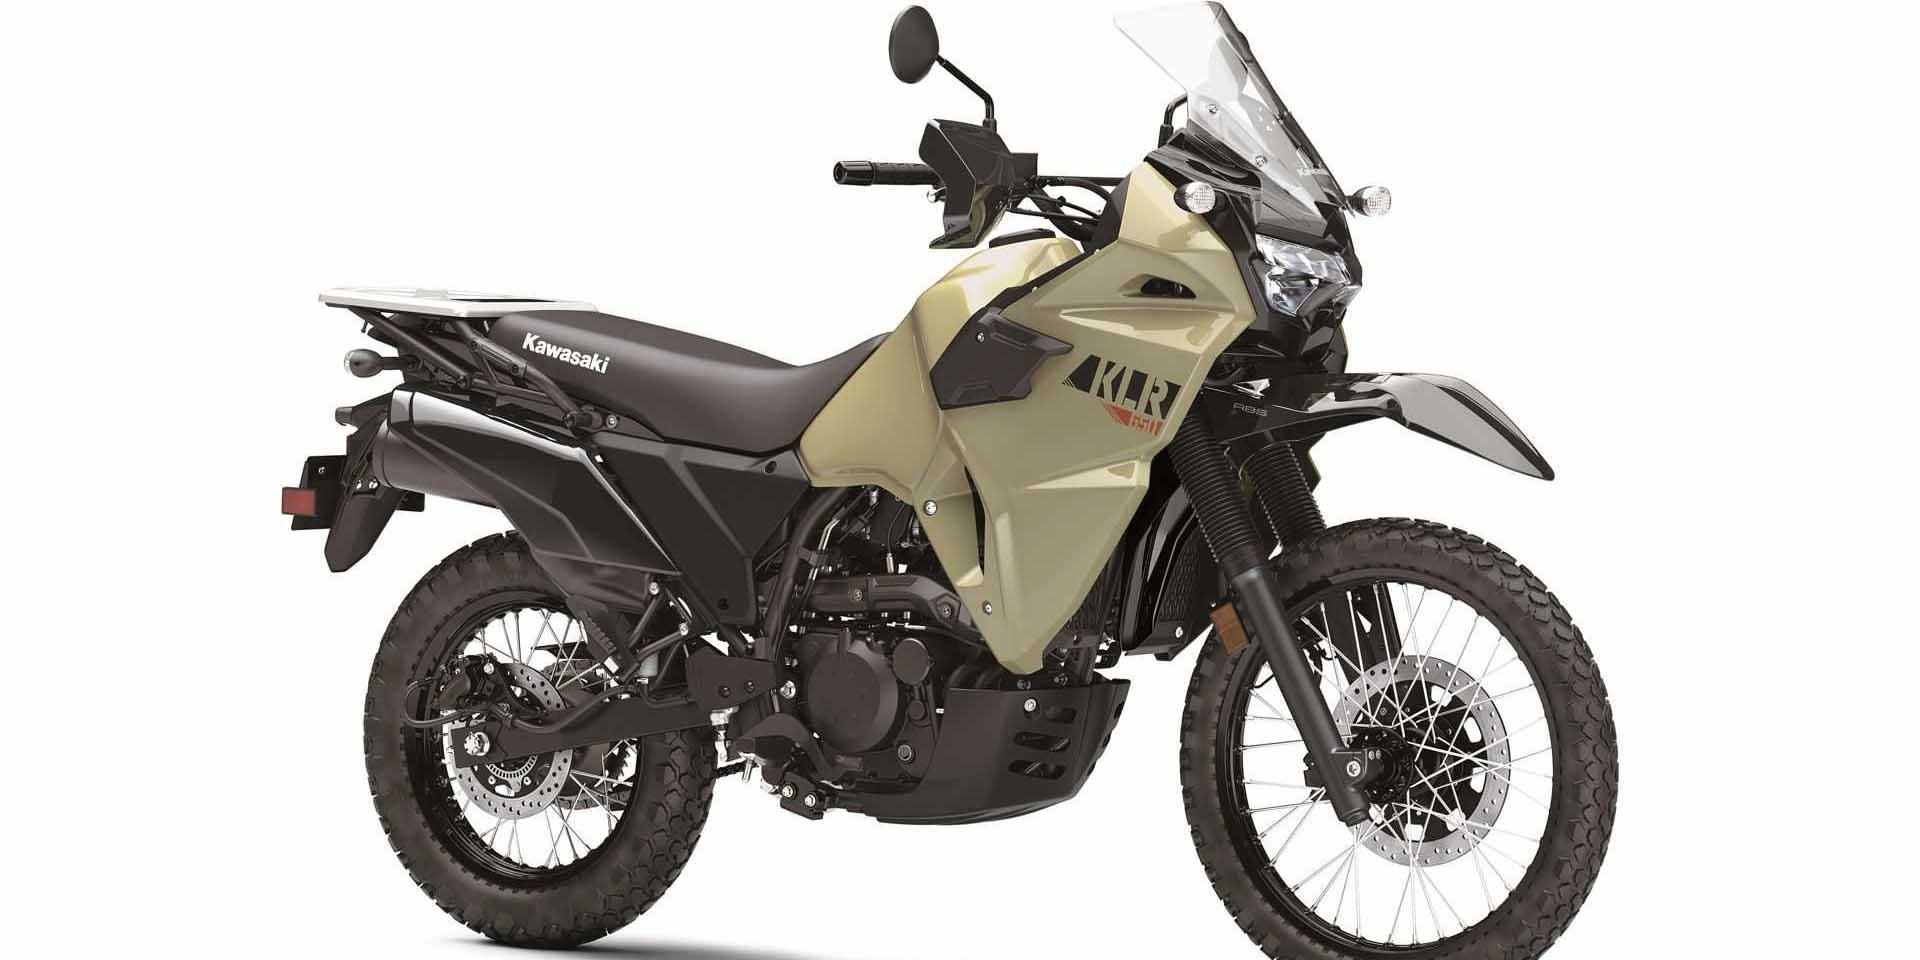 眾望所歸! 2022 Kawasaki KLR650復出!